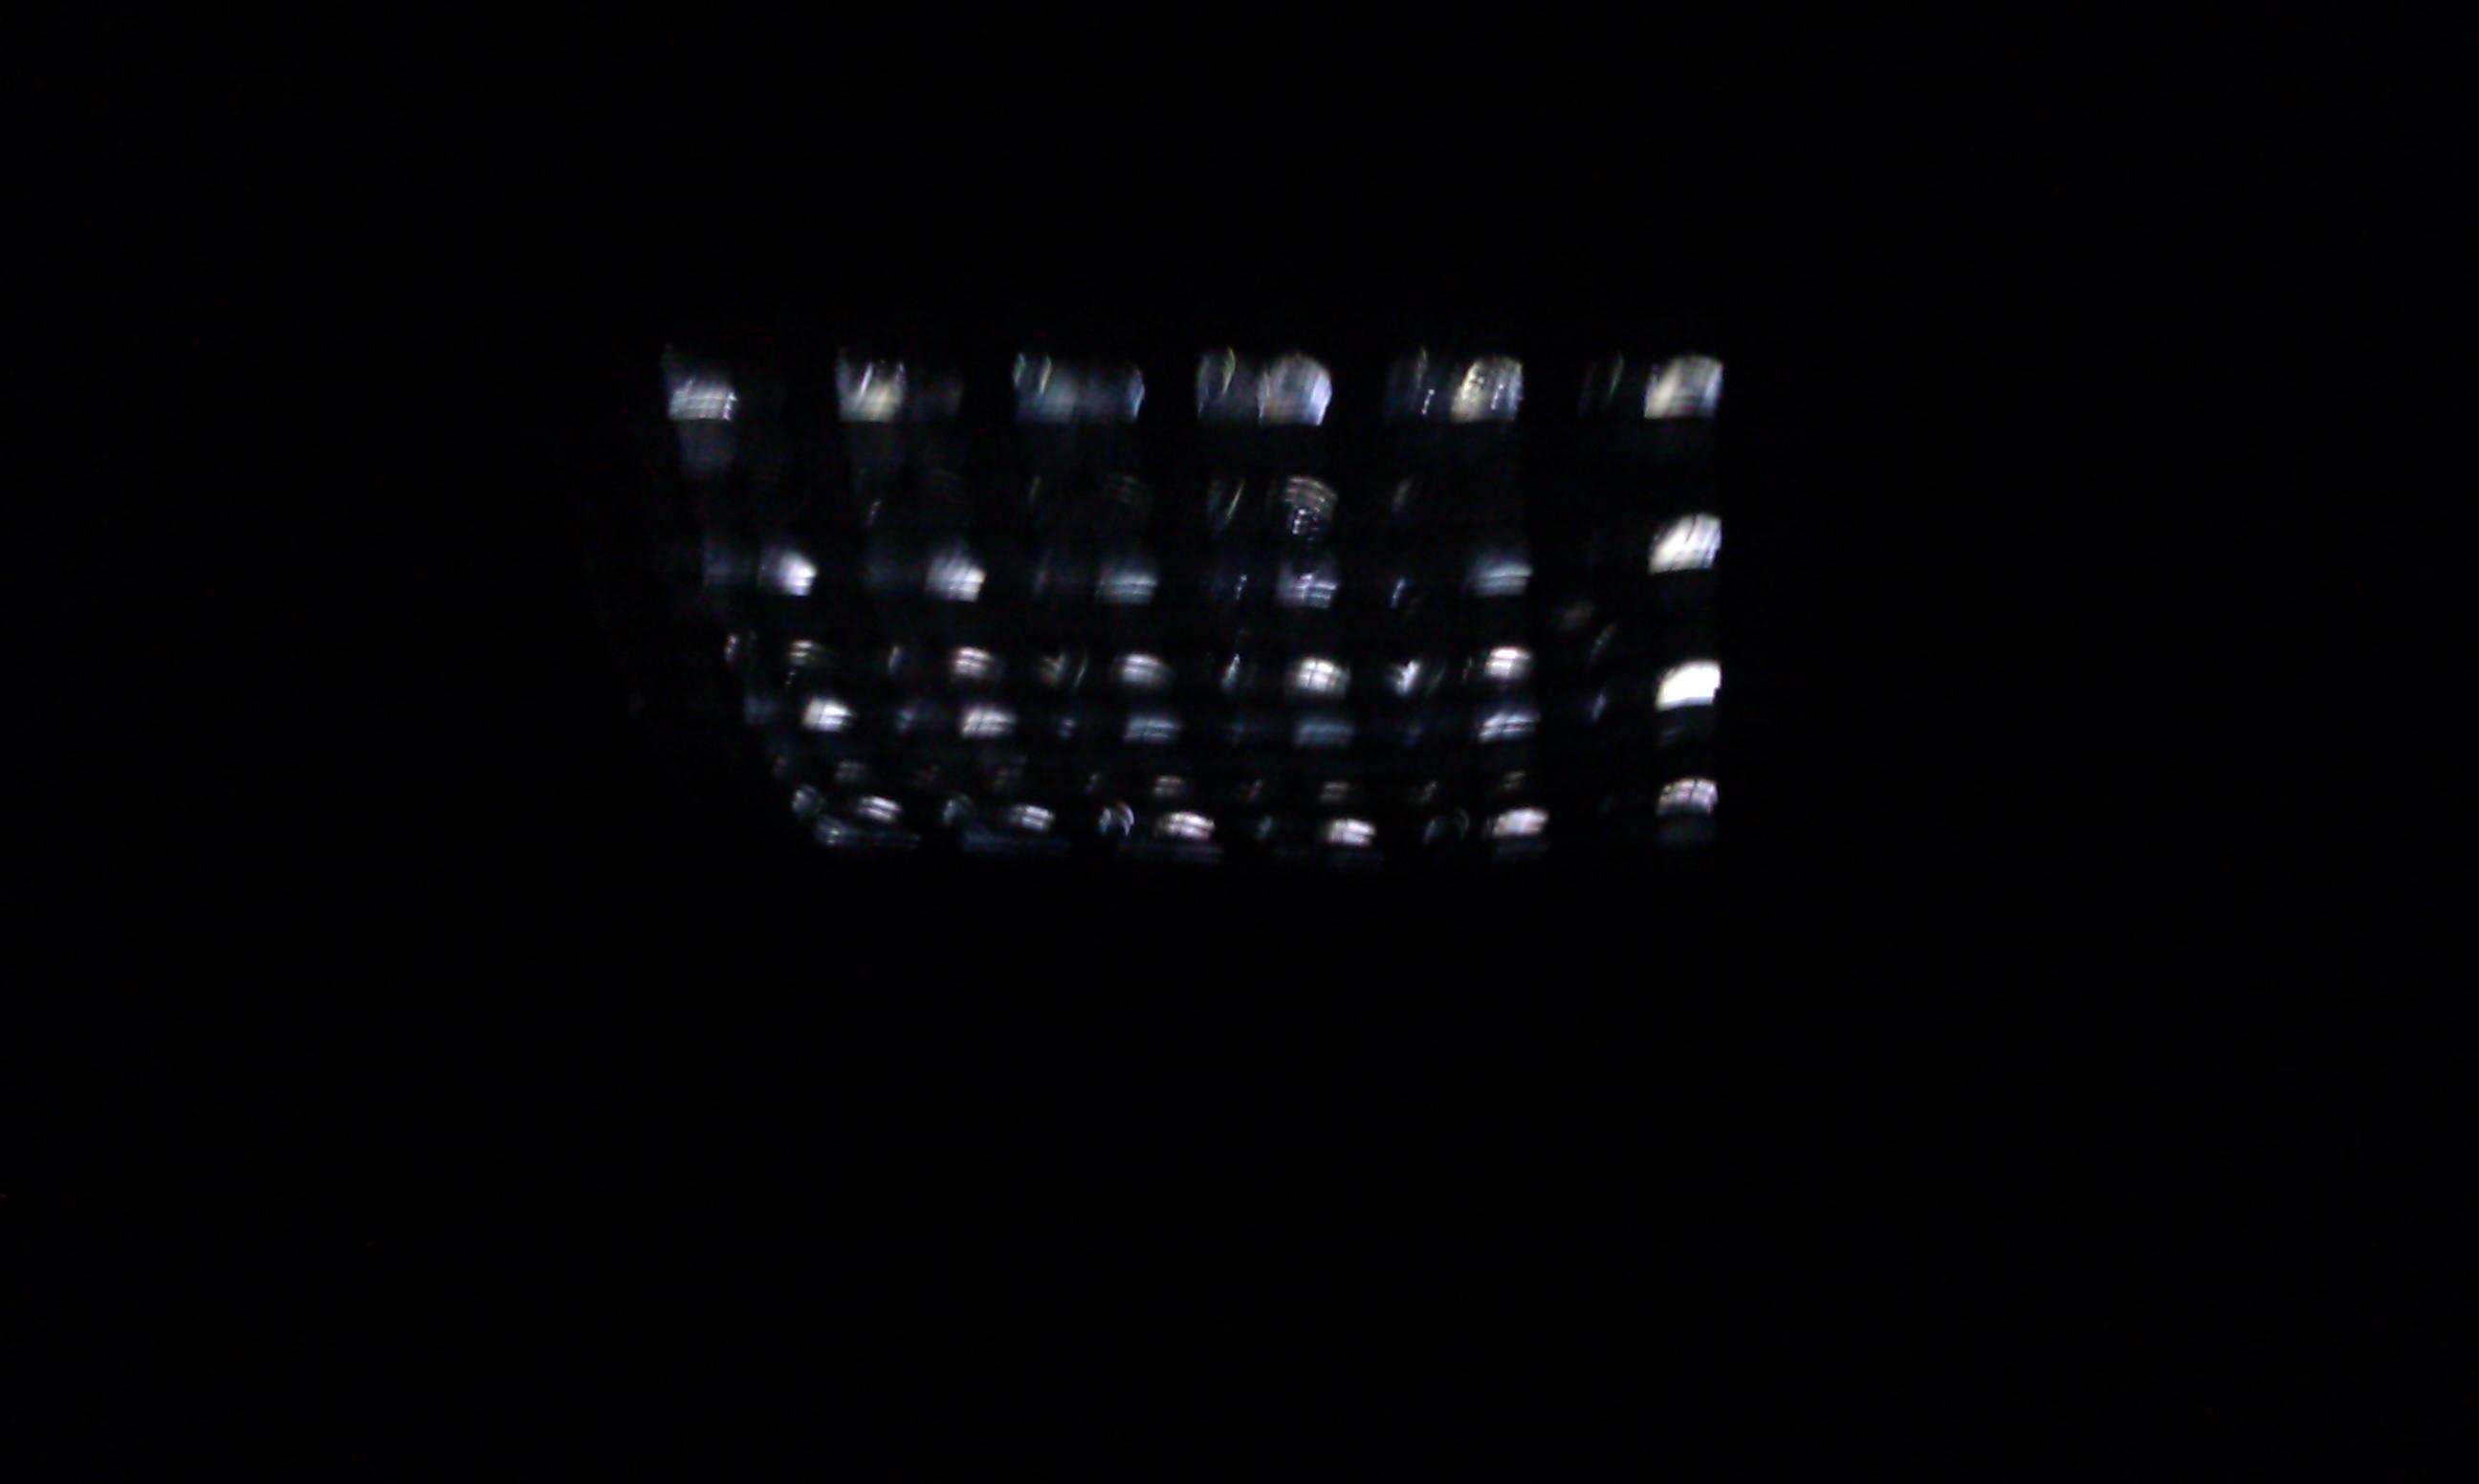 �ar�wka LED �arzy si� po wy��czeniu.